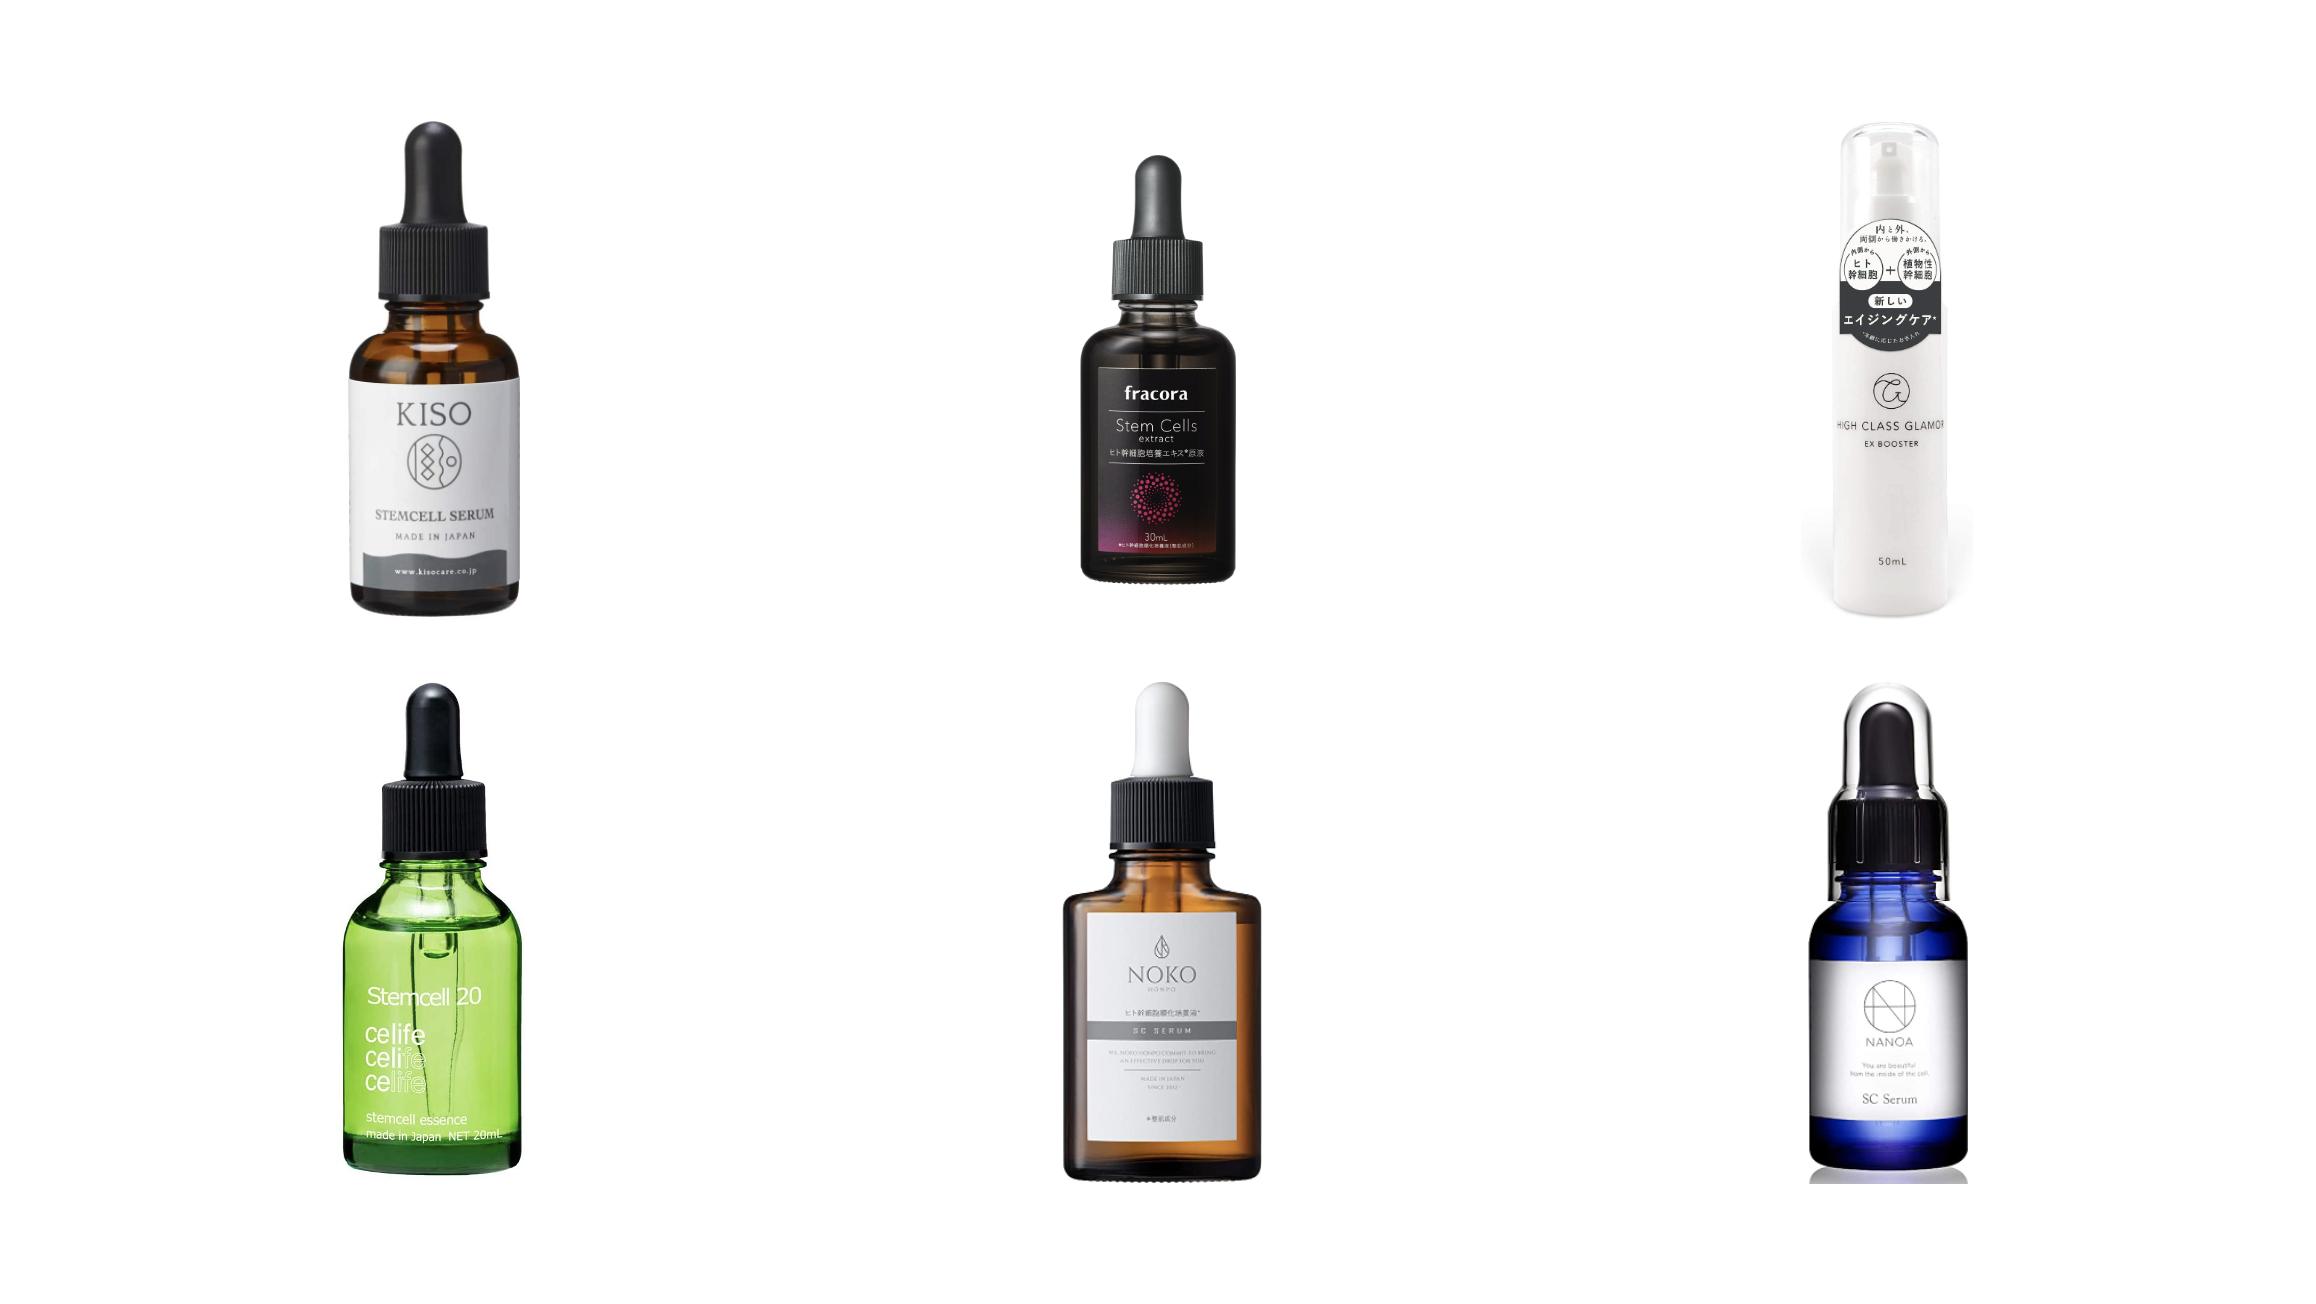 ヒト幹細胞美容液のおすすめ人気ランキング12選!口コミ上位の人気アイテムを厳選